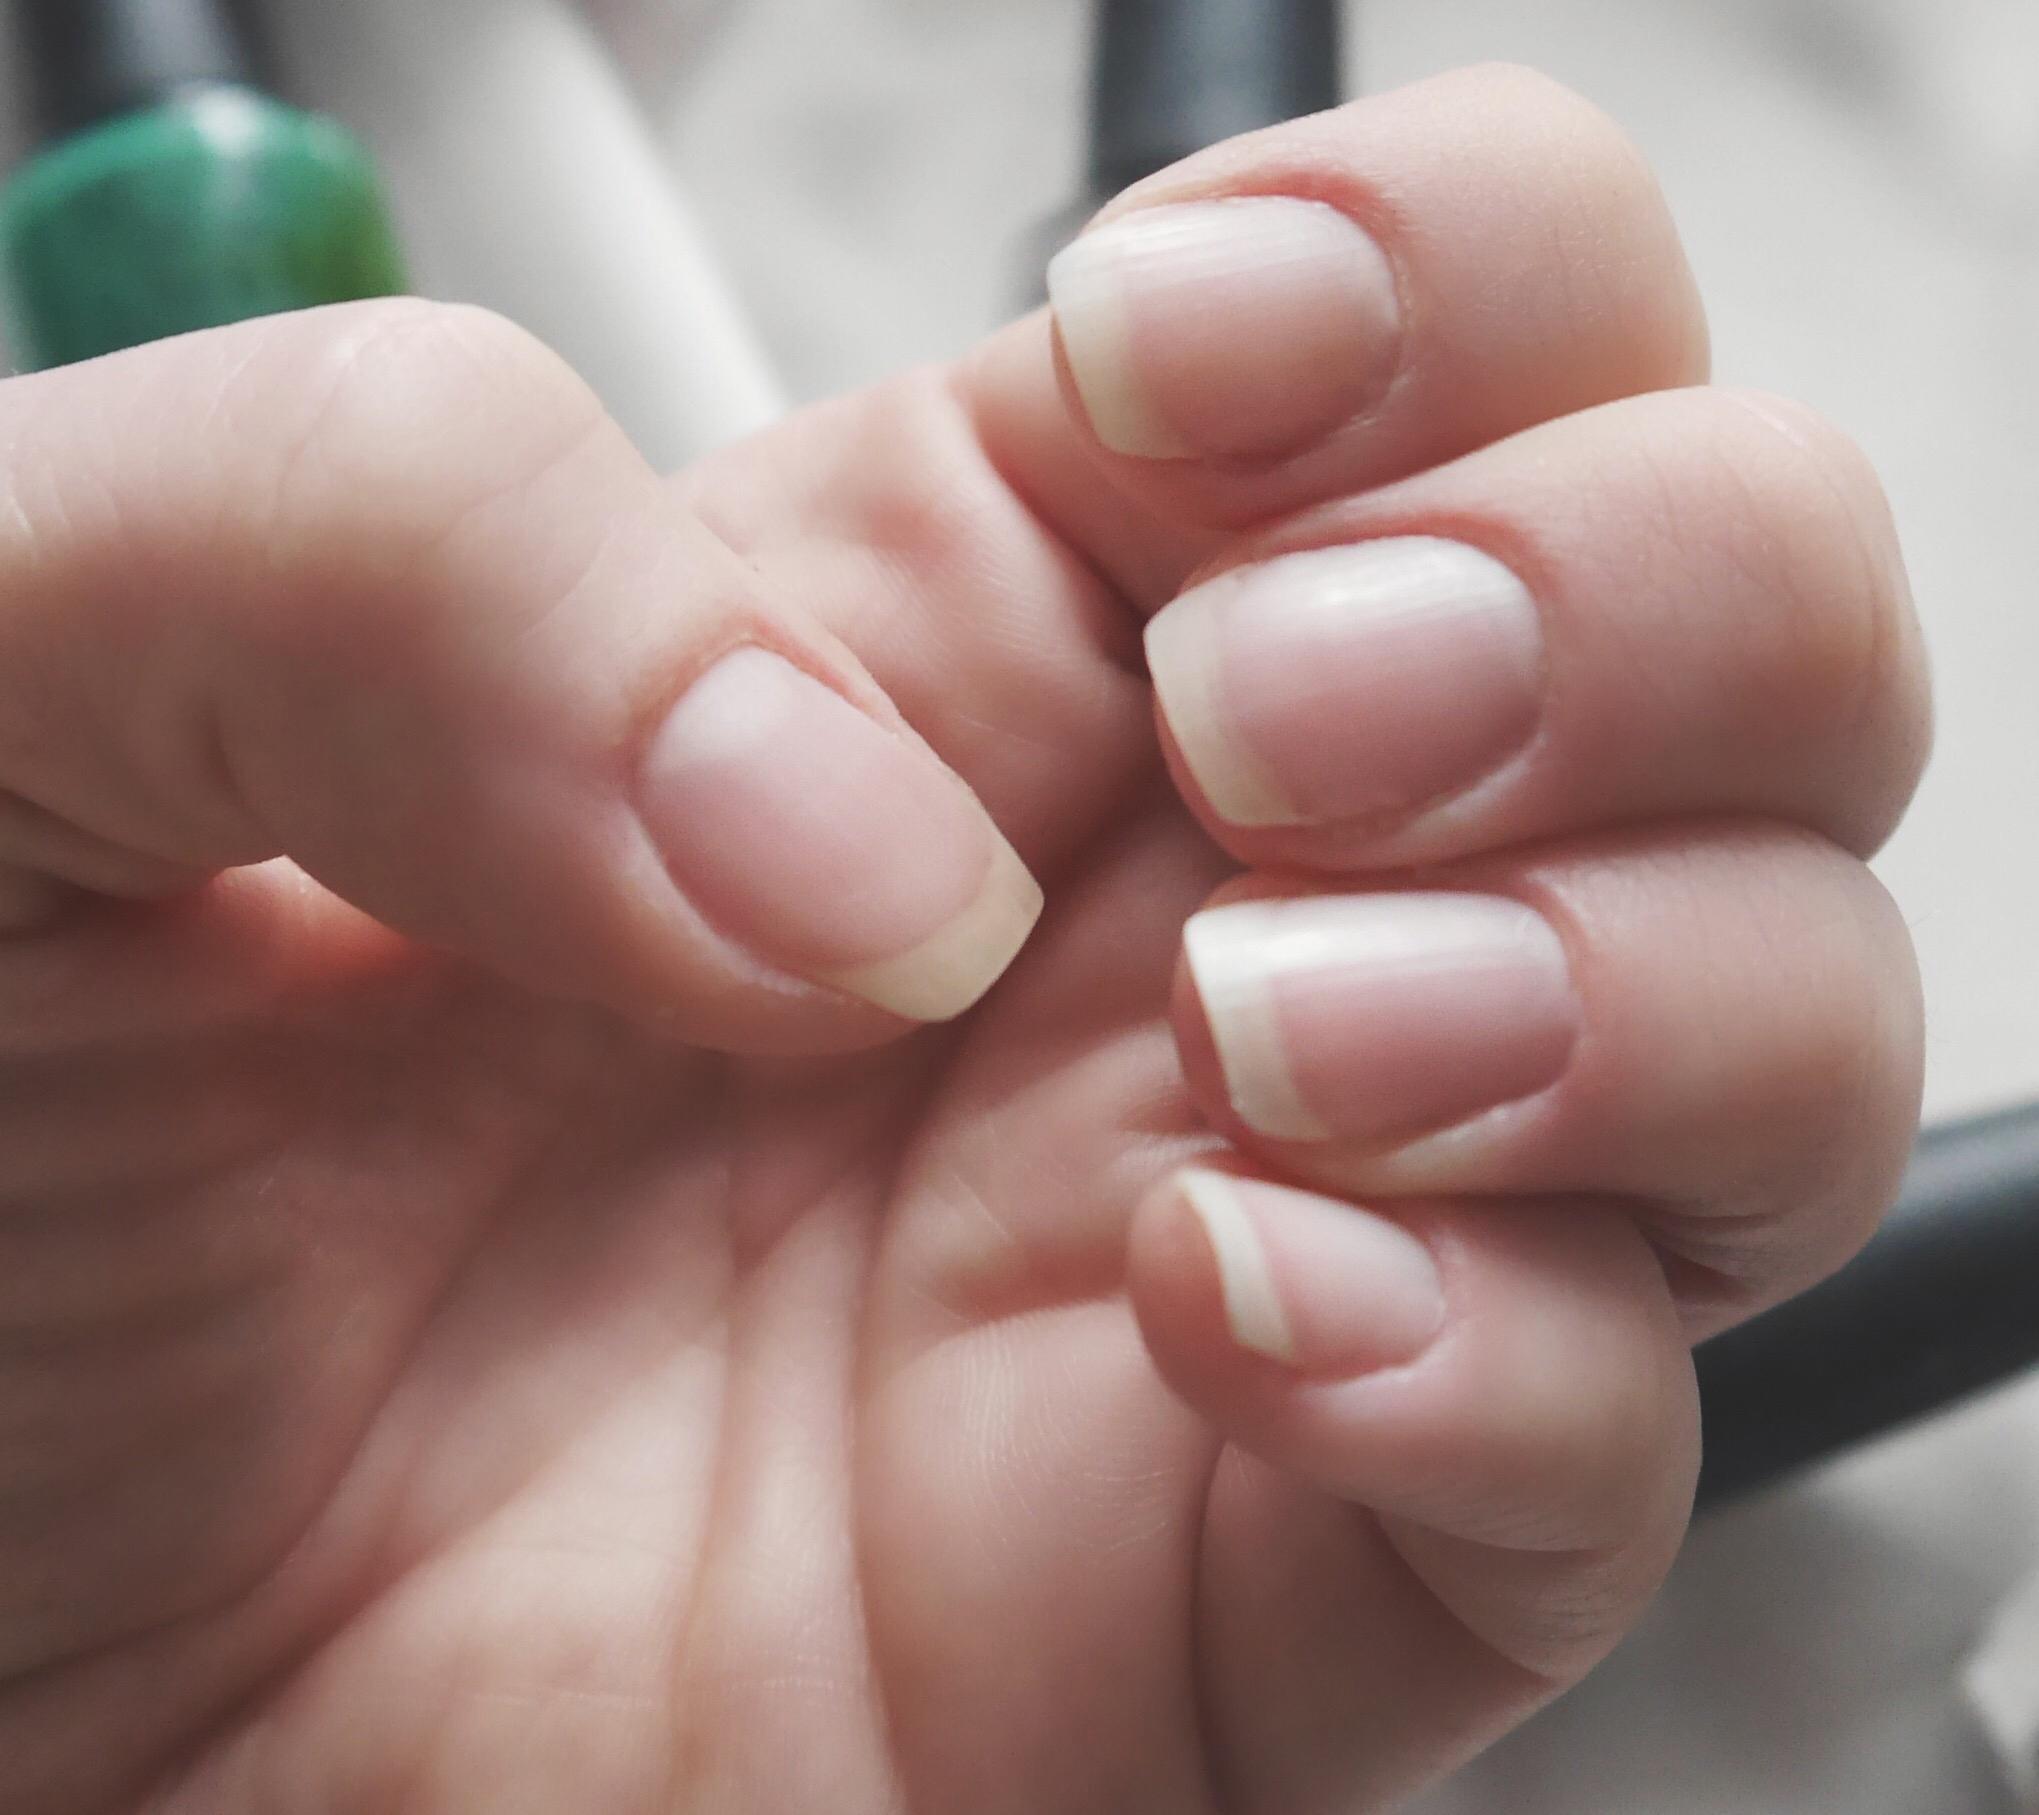 Meine *Pflegetipps* für *gesunde* und *schöne Fingernägel ...